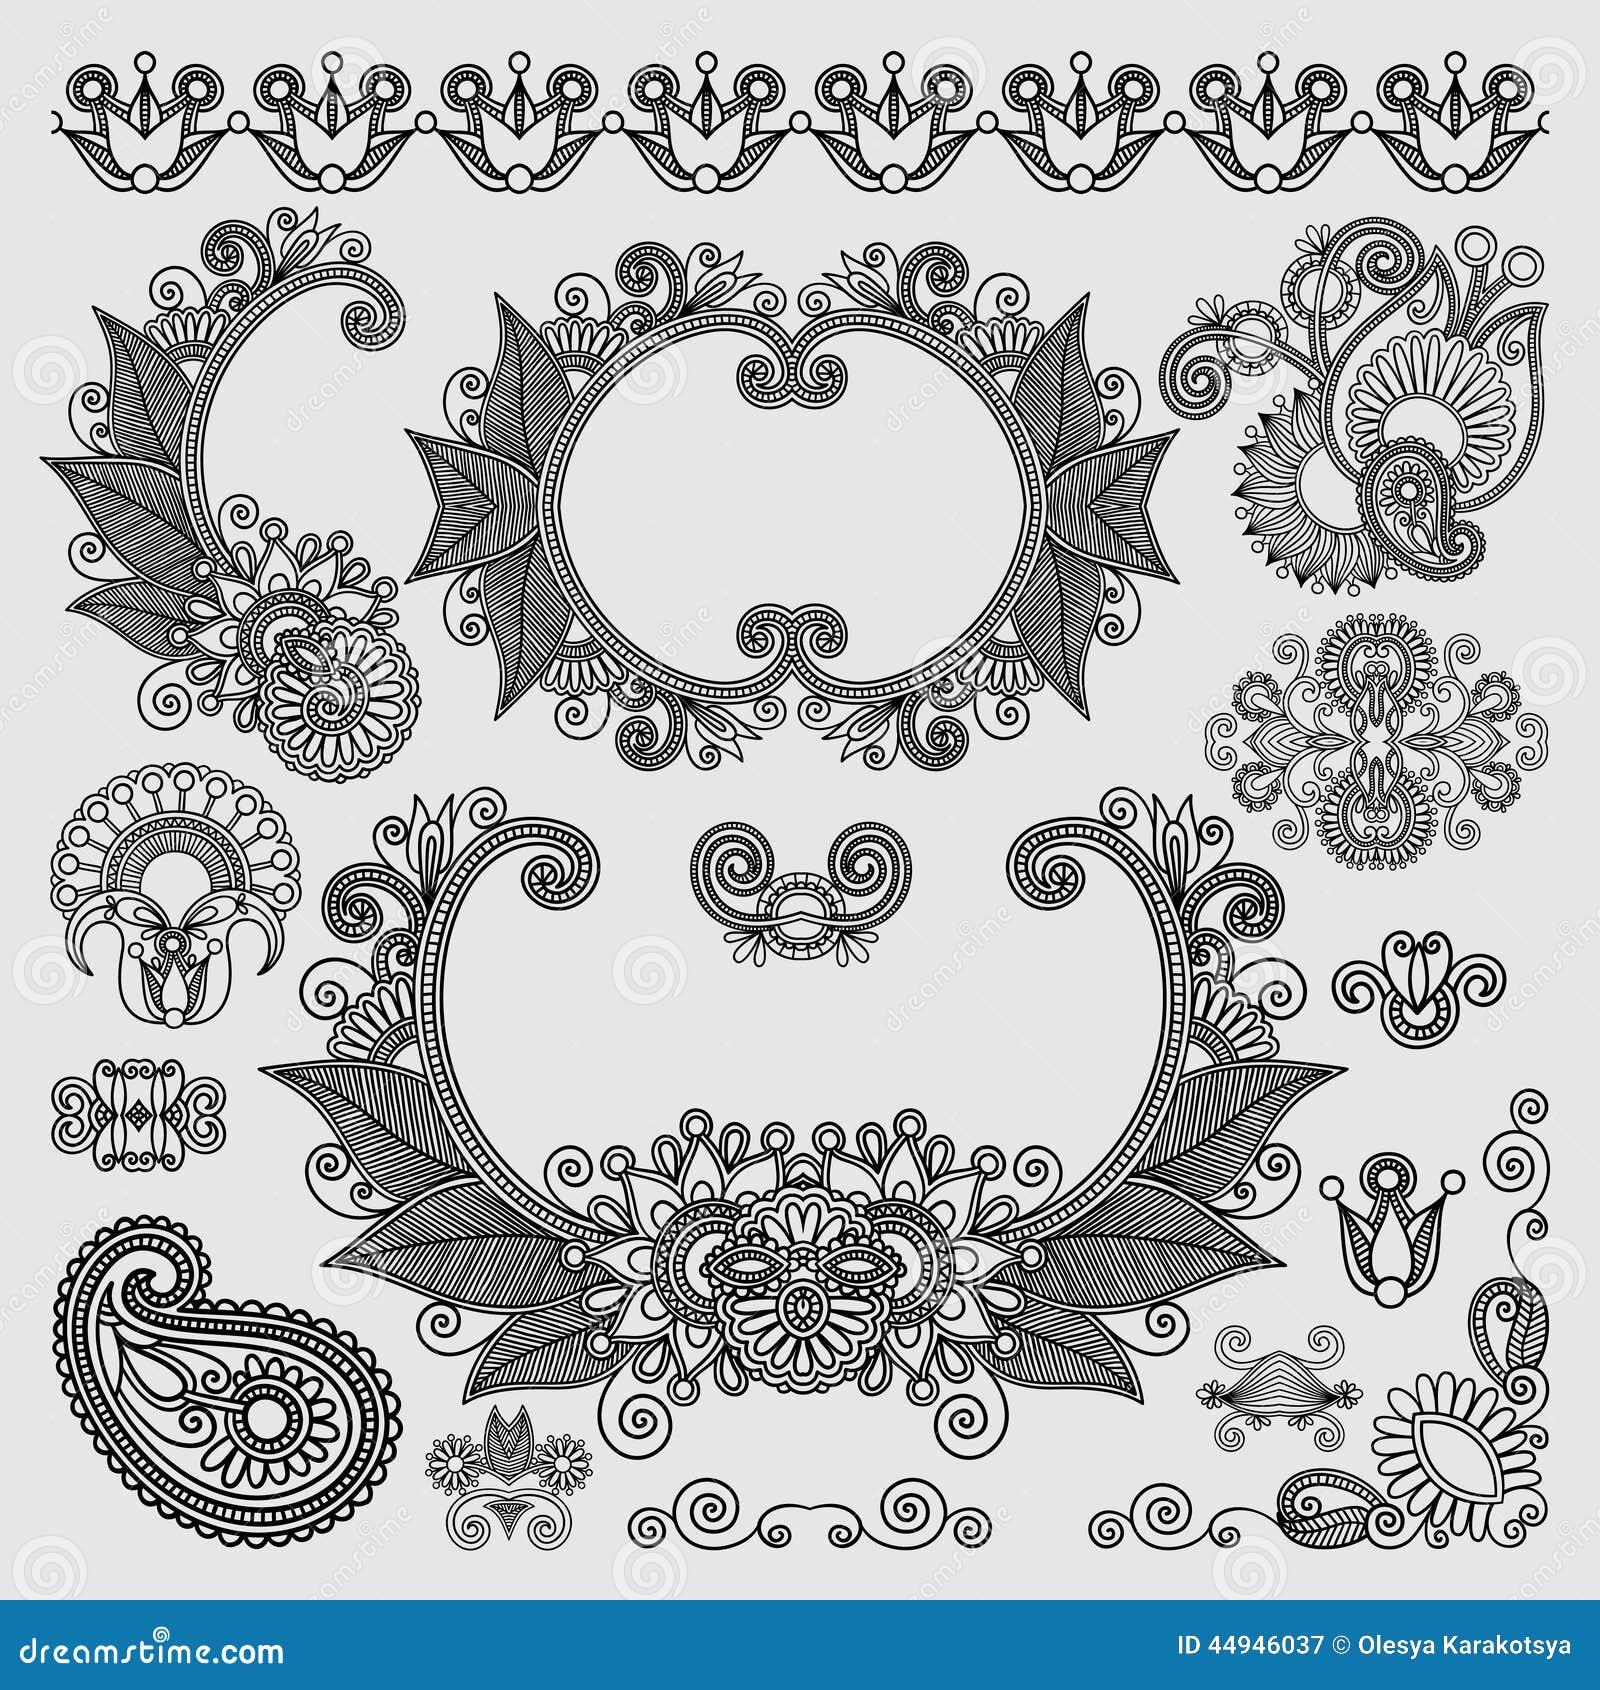 Line Art Ornate Flower Design : Black line art ornate flower design collection stock